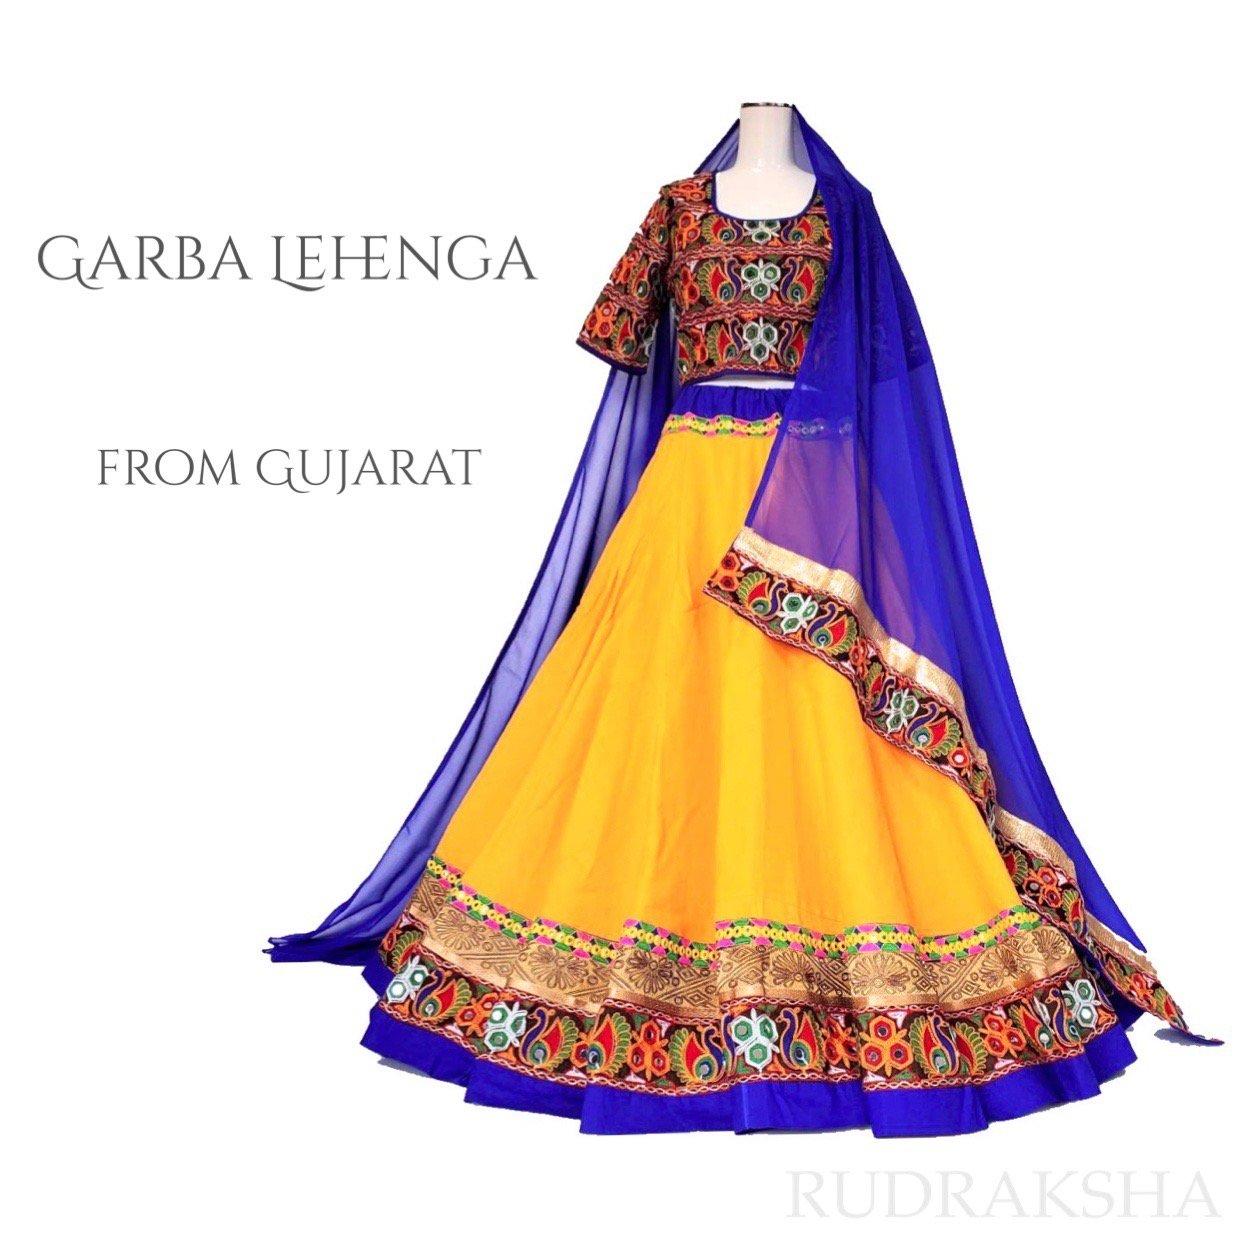 Gujarati Garba Lehenga <ロイヤルブルーxイエロー> ◇◆ インド民族衣装レヘンガ/ナヴラトリ/ガルバ/ダンディヤ